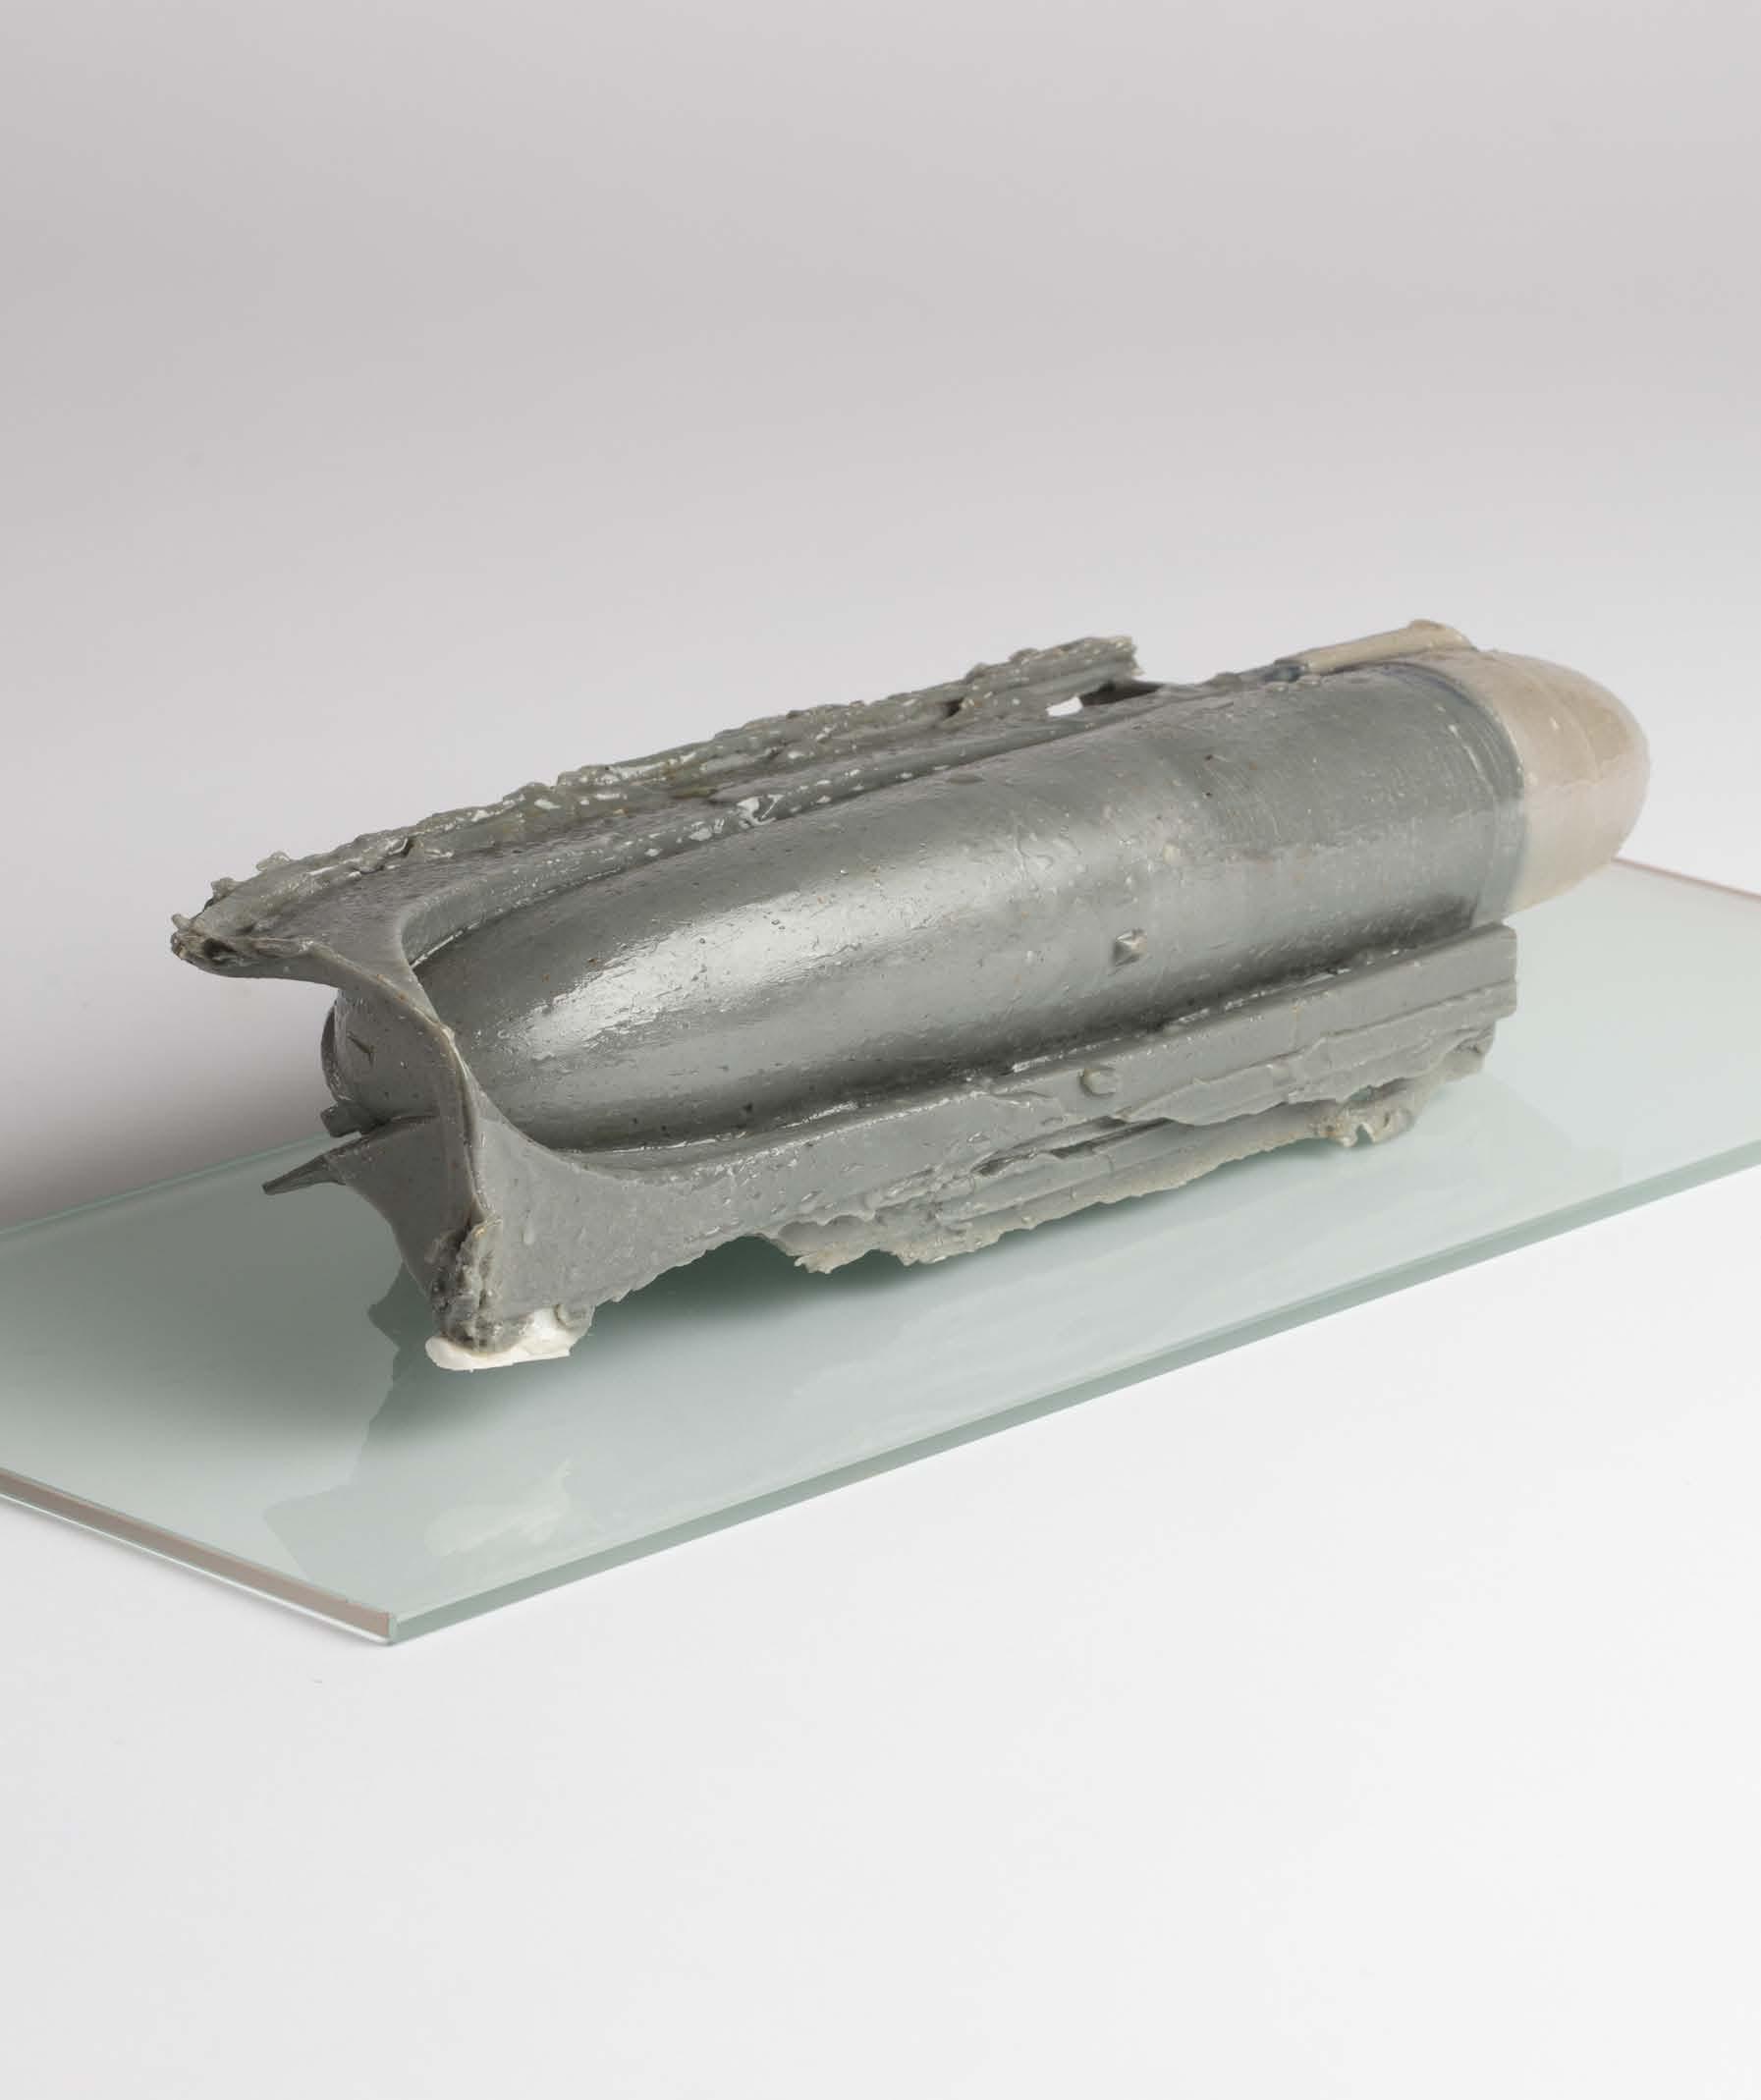 Jules Dumoulin,  Arrière droit,  2019 , Cire de fonderie teintée dans la masse enduite de résine d'inclusion, silicone, socle de verre, 27x13,5cm